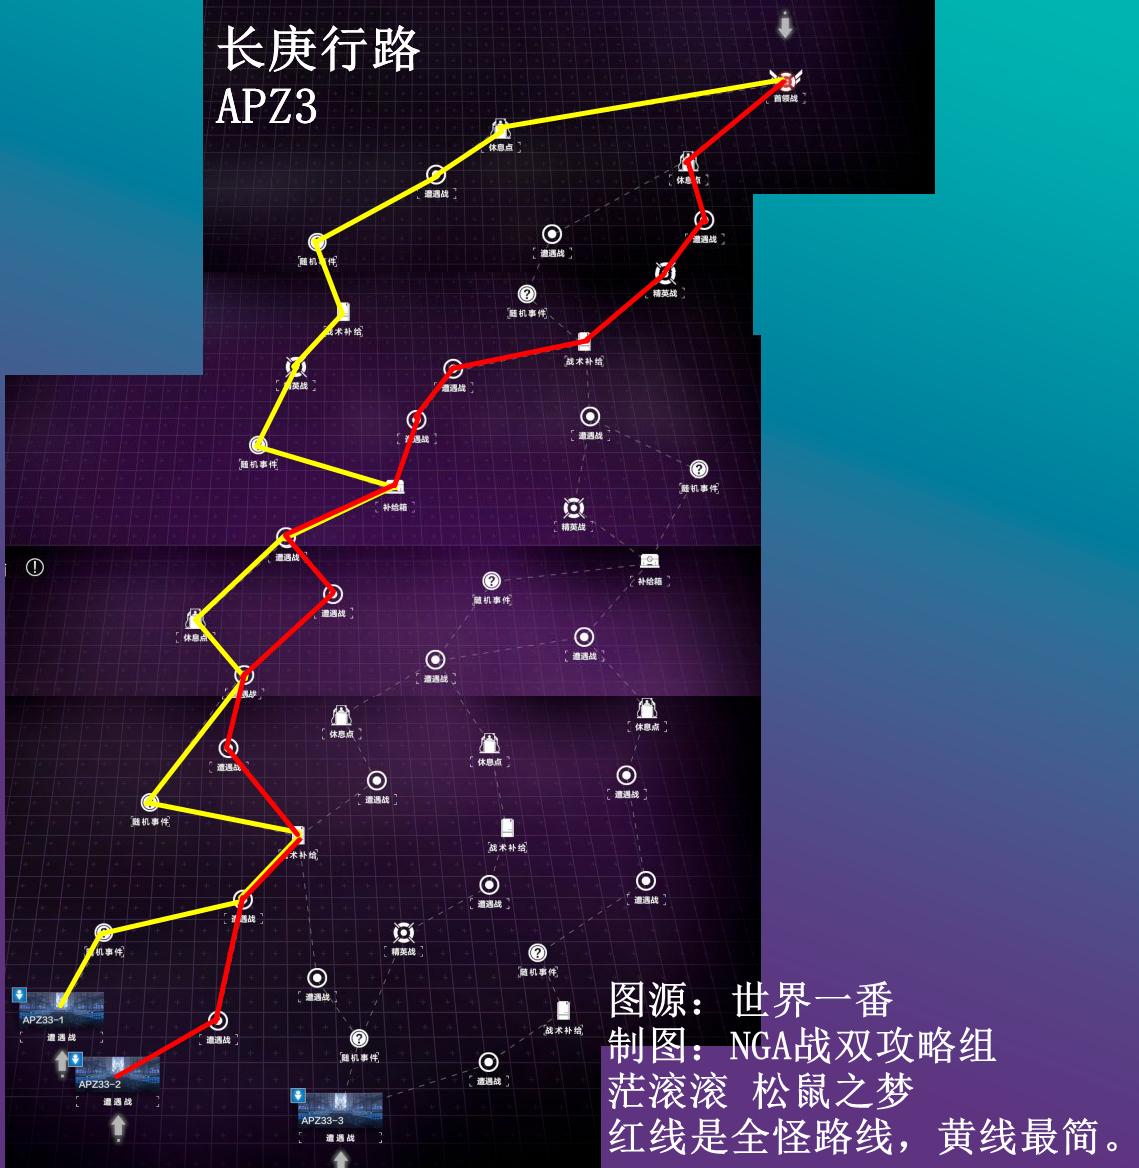 战双帕弥什长庚行路第三张图路线大全 第三张图路线怎么走